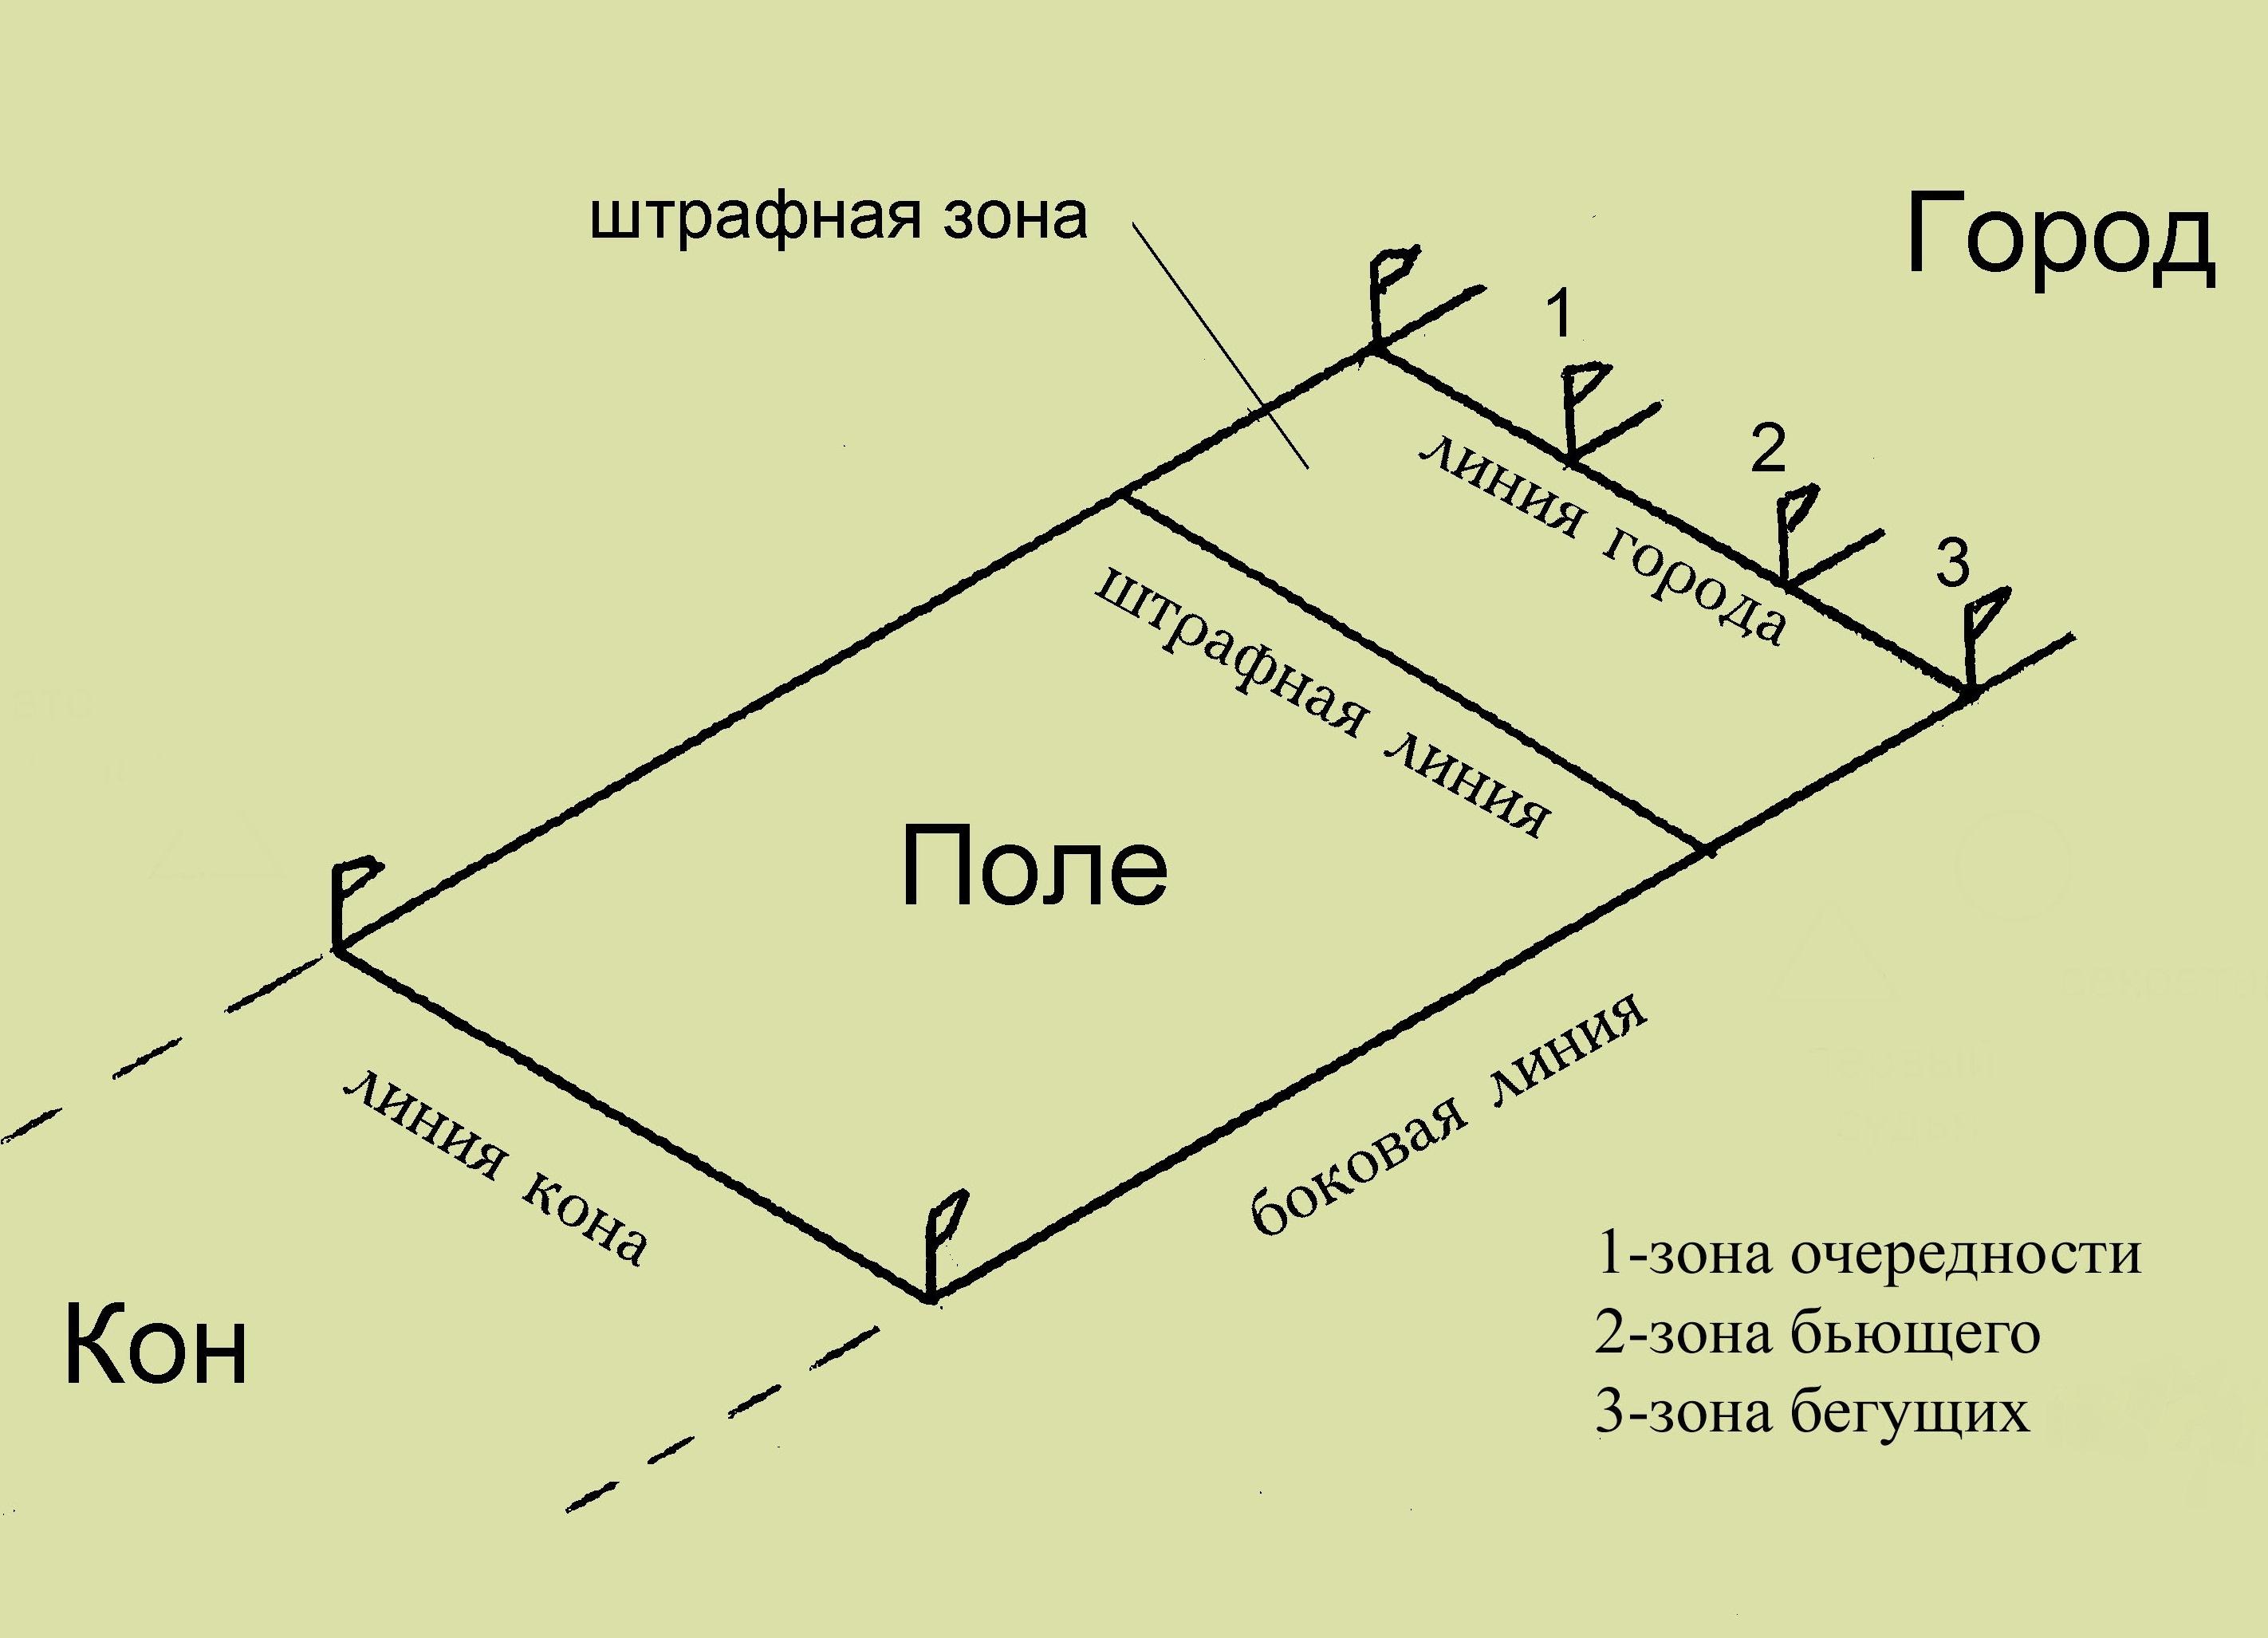 Карта Забайкальского края со спутника